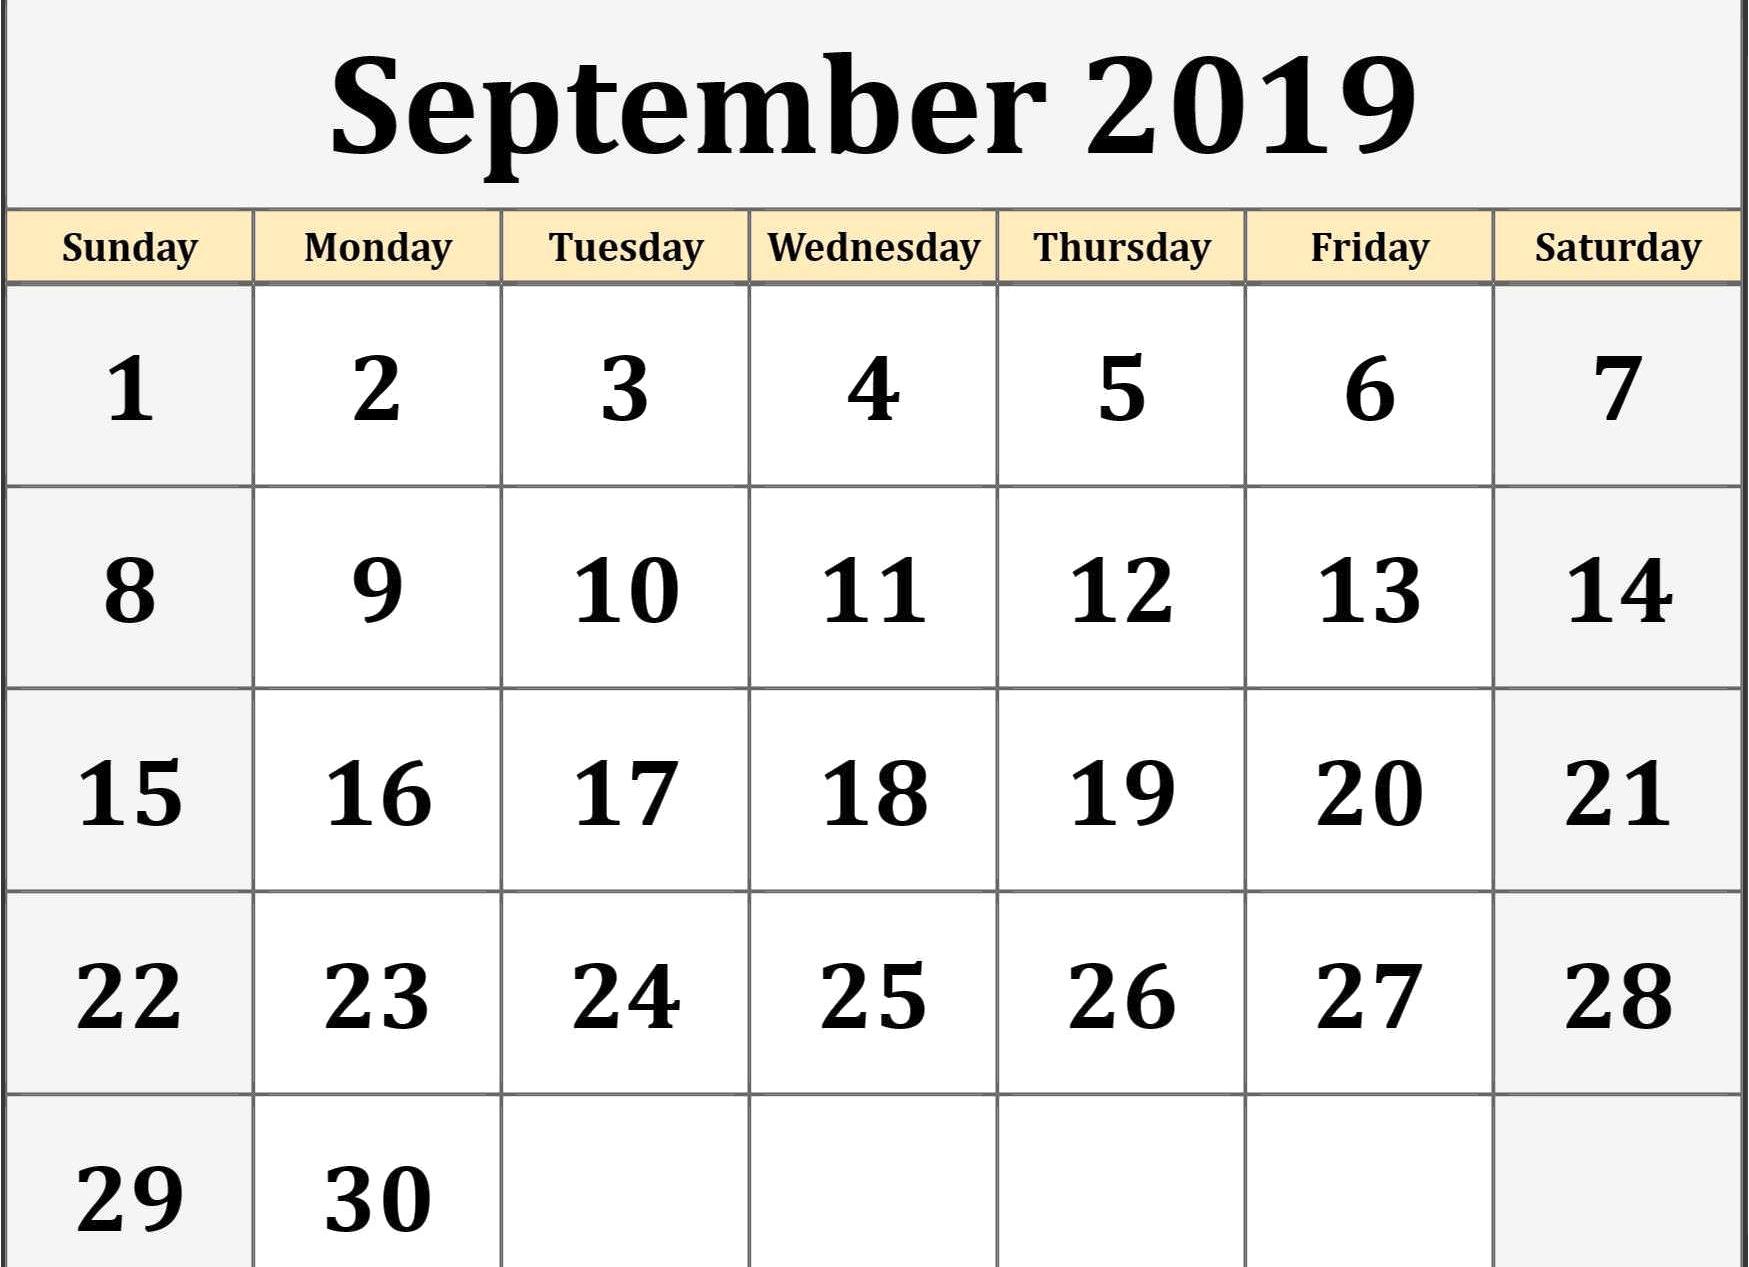 Blank Calendar for September 2019